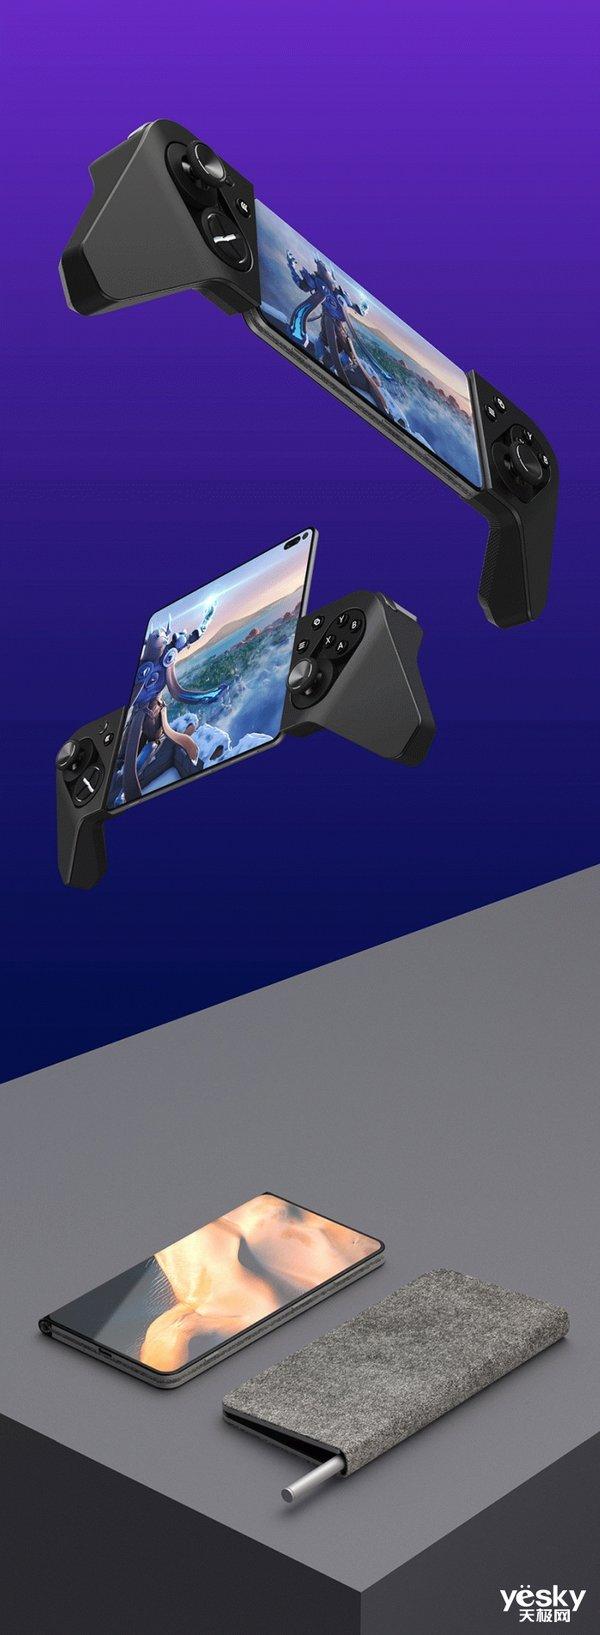 手机晚报:骁龙855+芯片发布 联发科将入局游戏芯片市场